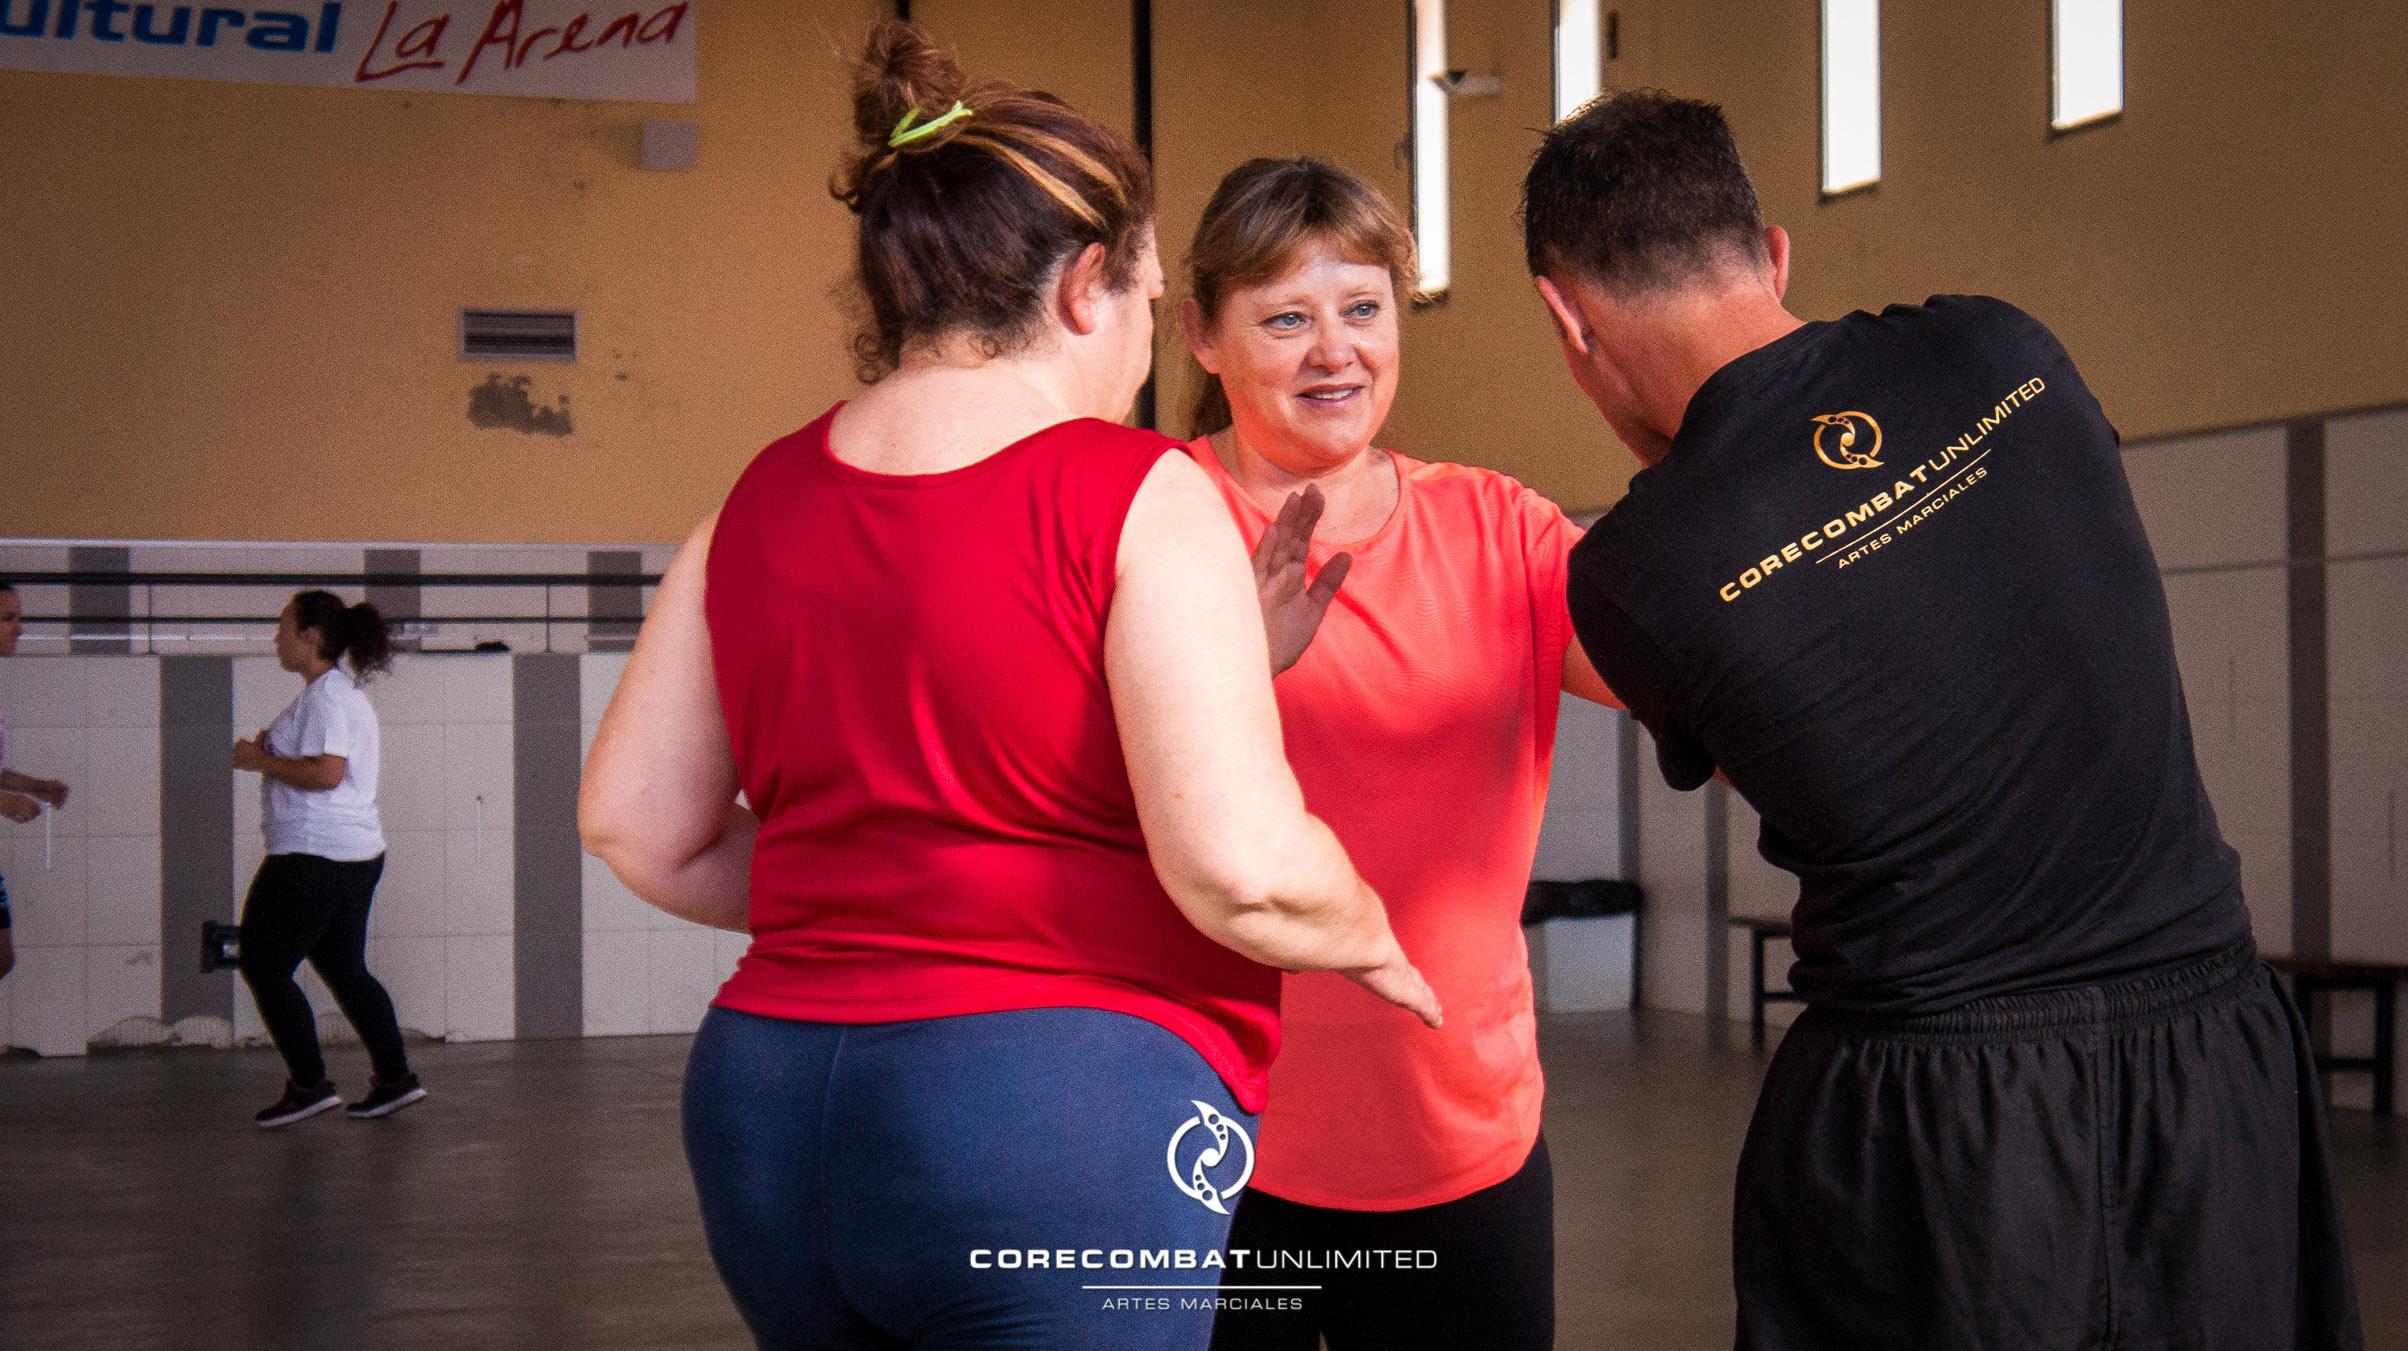 curso-defensa-personal-para-mujeres-zamora-coreses-artes-marciales-zamora-core-combat-salamanca-valladolid-leon-madrid-06